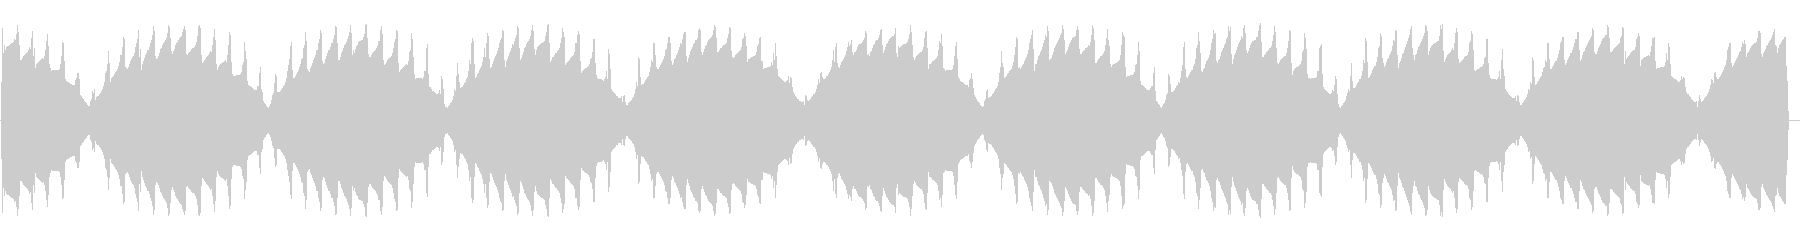 ウィーンプルプル(ワープエンジン音)の未再生の波形